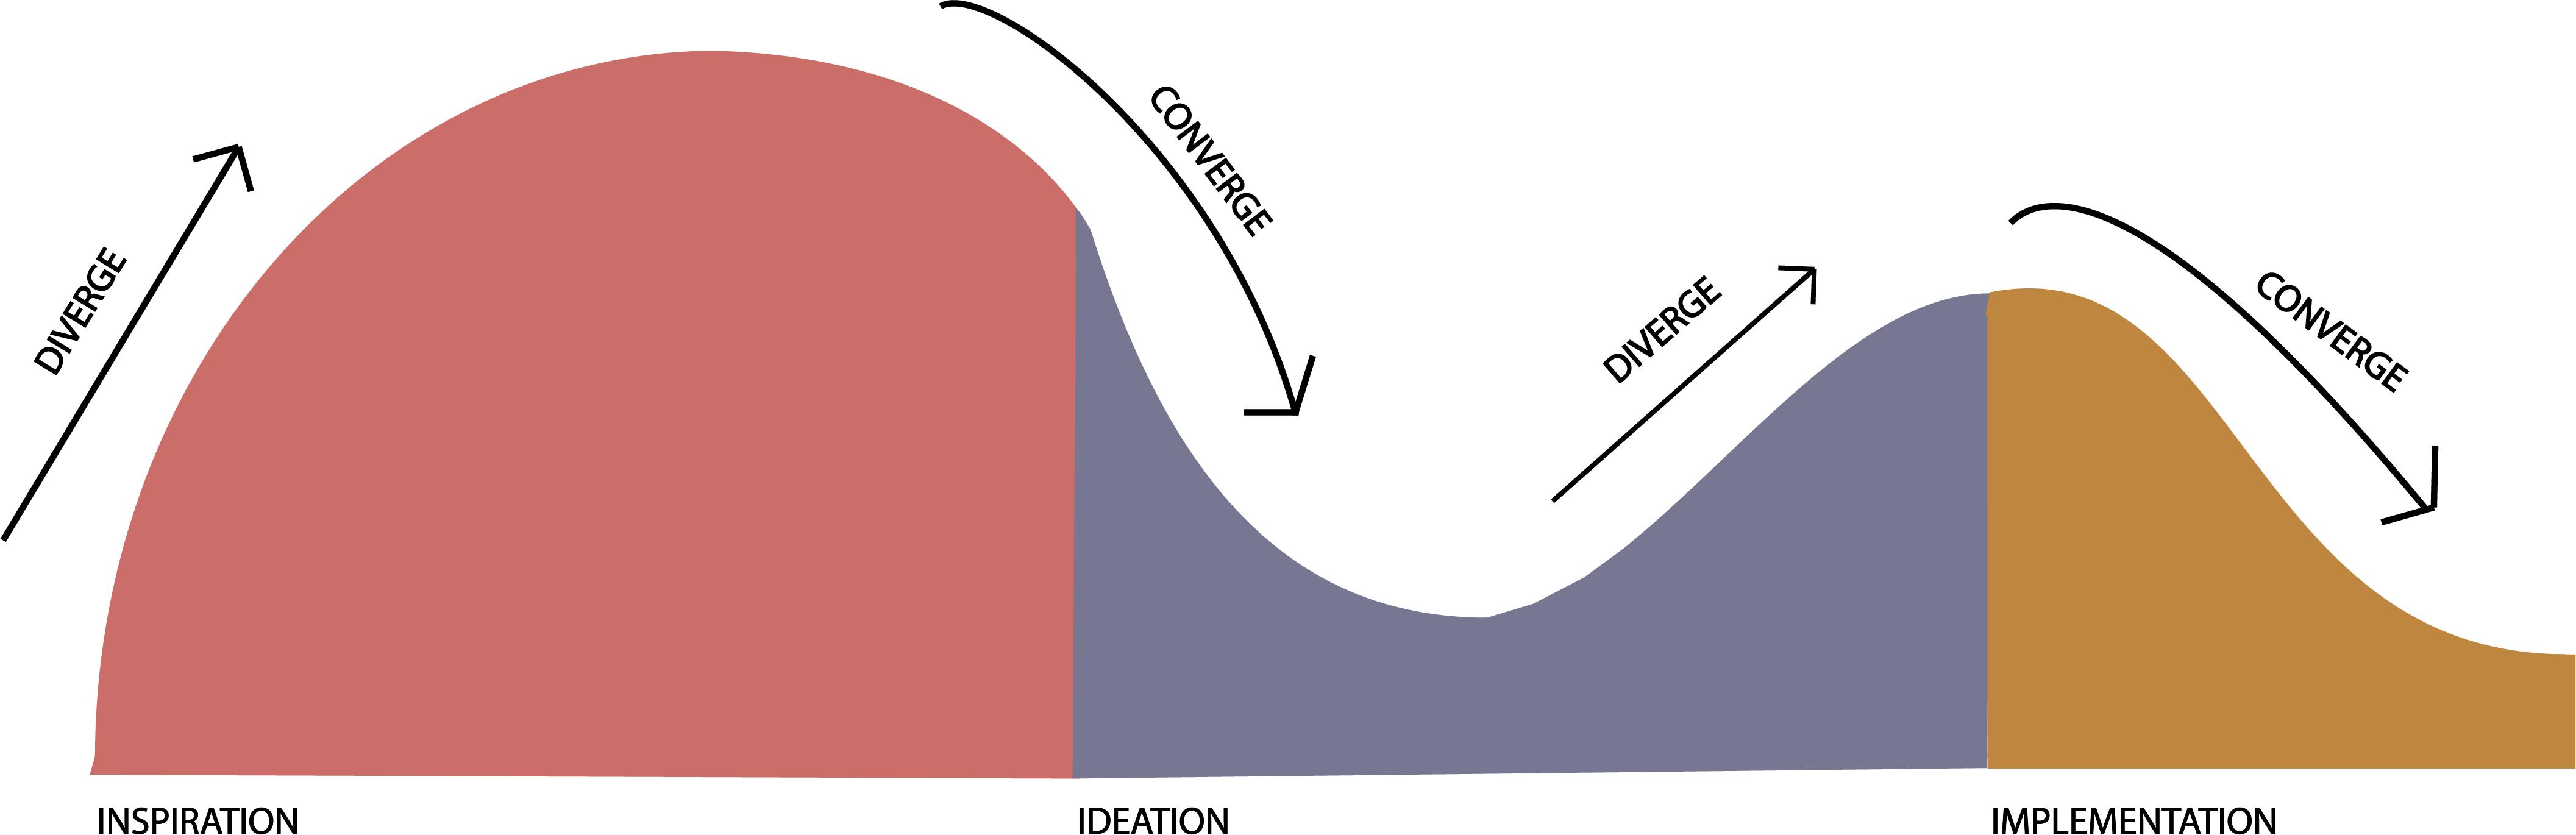 Approach_Process-Design